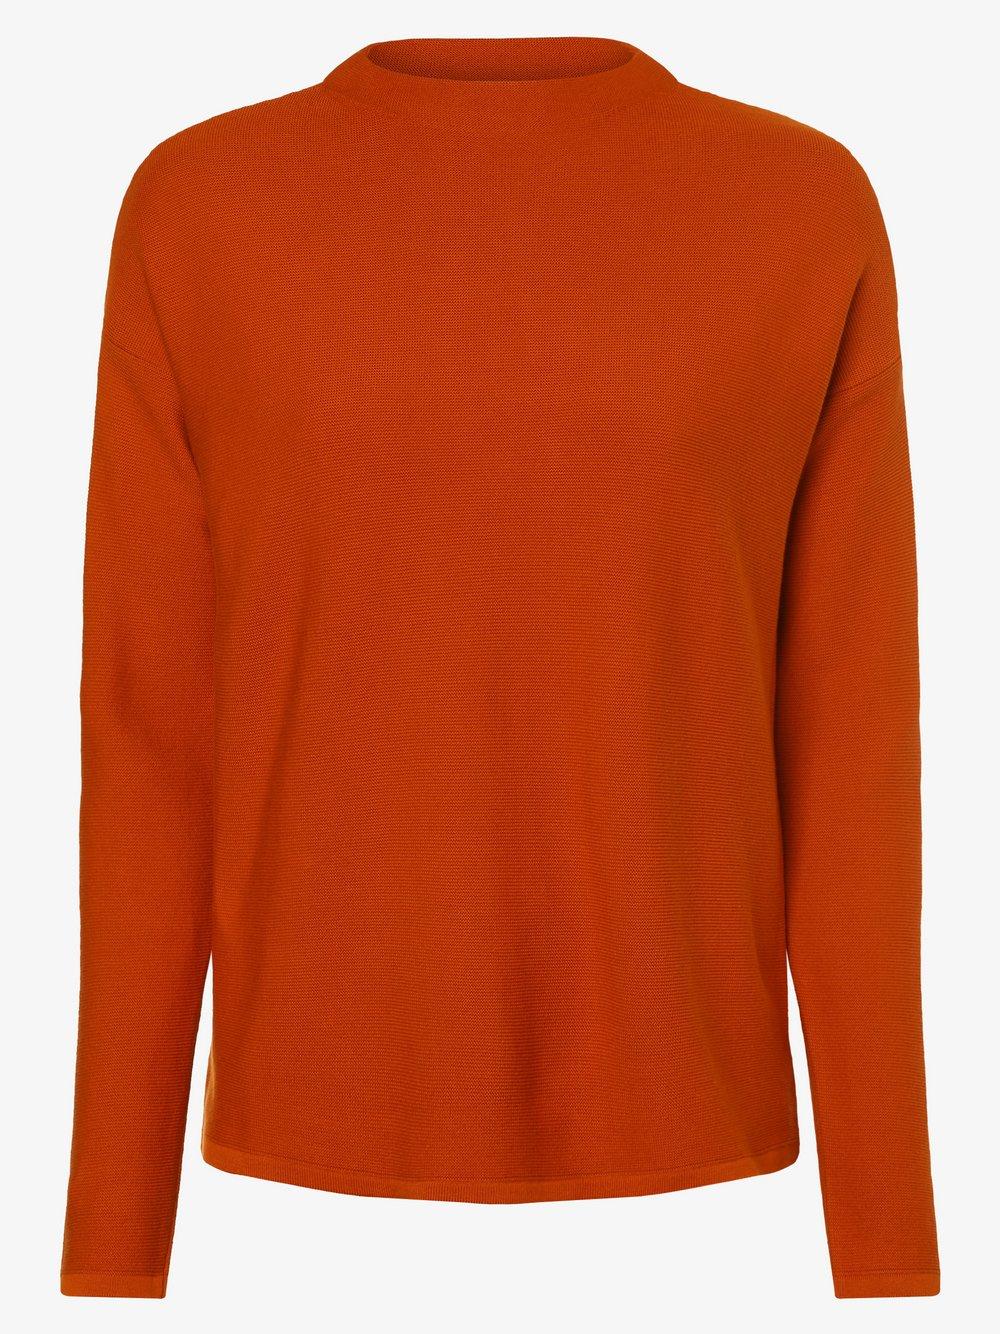 ARMEDANGELS - Sweter damski – Medinaa, pomarańczowy